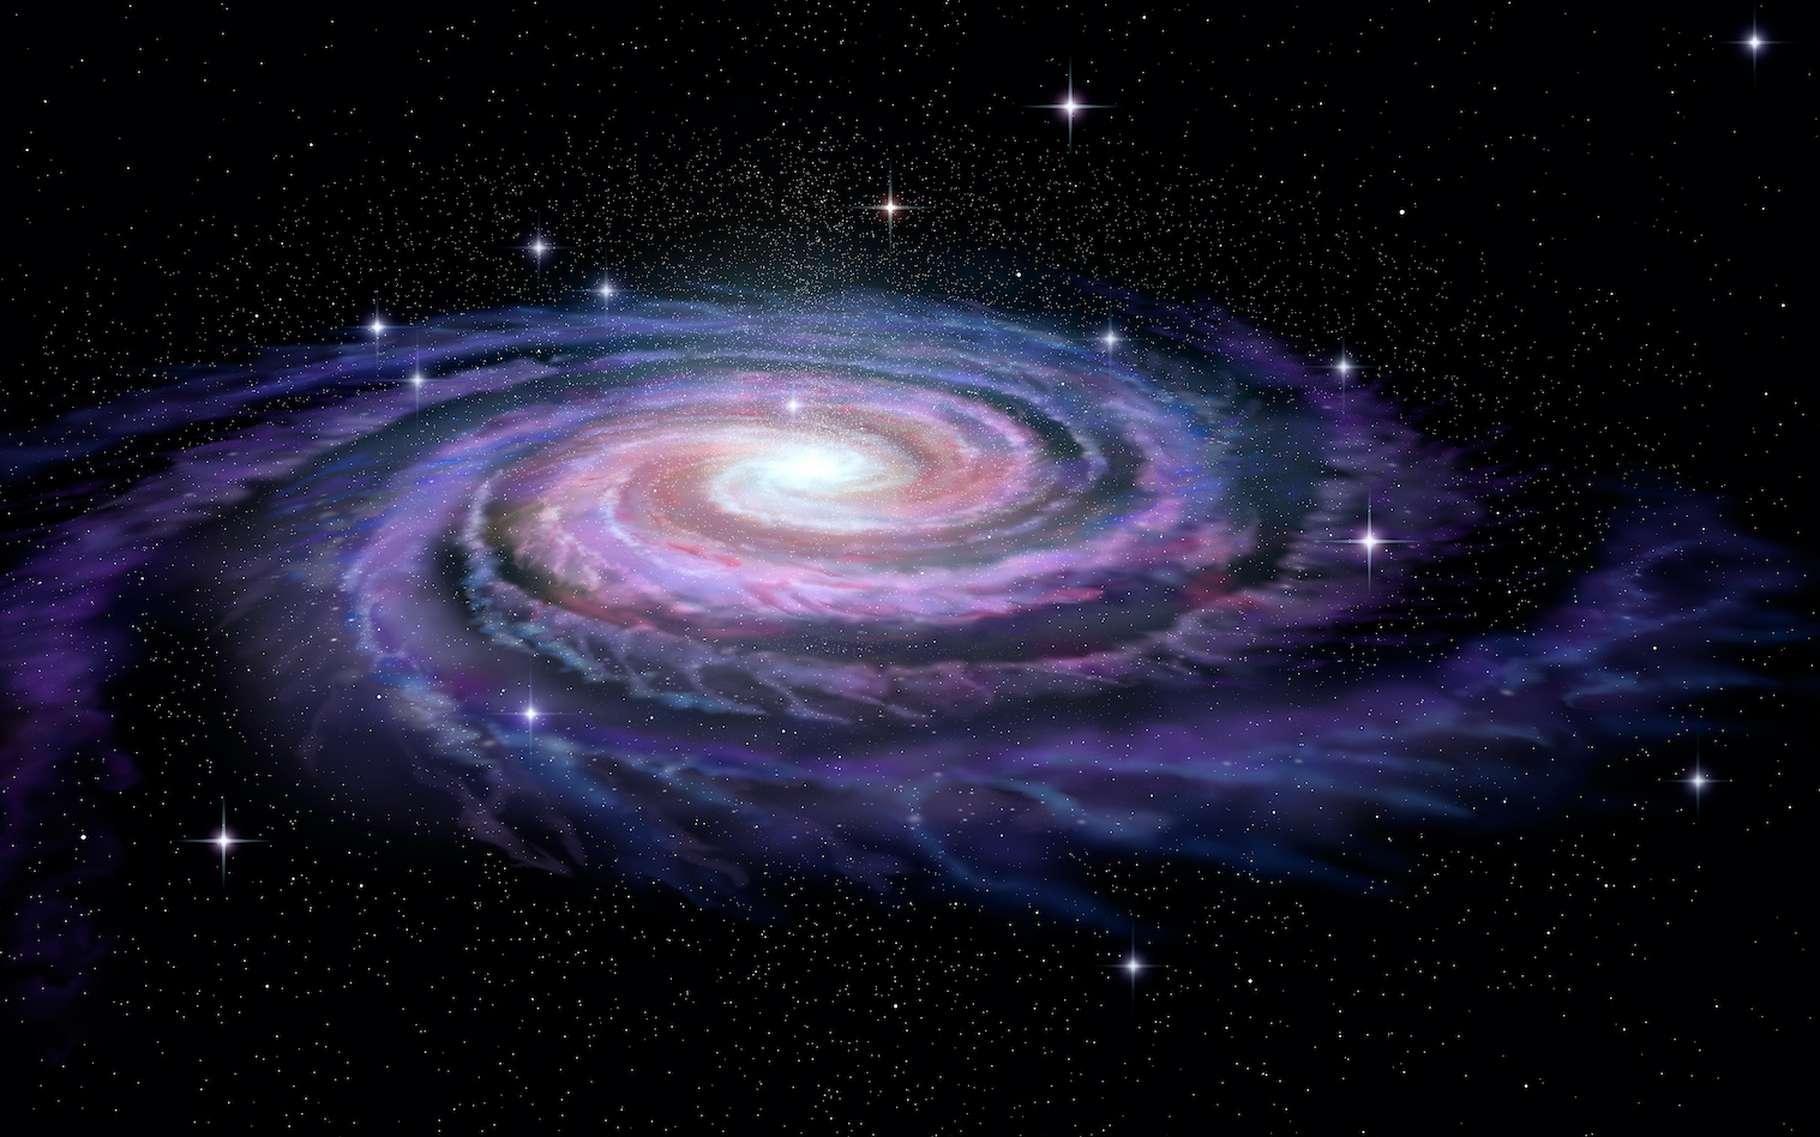 Elle tourne, elle brasse. Pourtant, des chercheurs de l'université de Genève (Suisse) l'affirment aujourd'hui, en plus de dix milliards d'années, la Voie lactée n'a pas réussi à homogénéiser son milieu interstellaire. © Alexandr Mitiuc, Adobe Stock